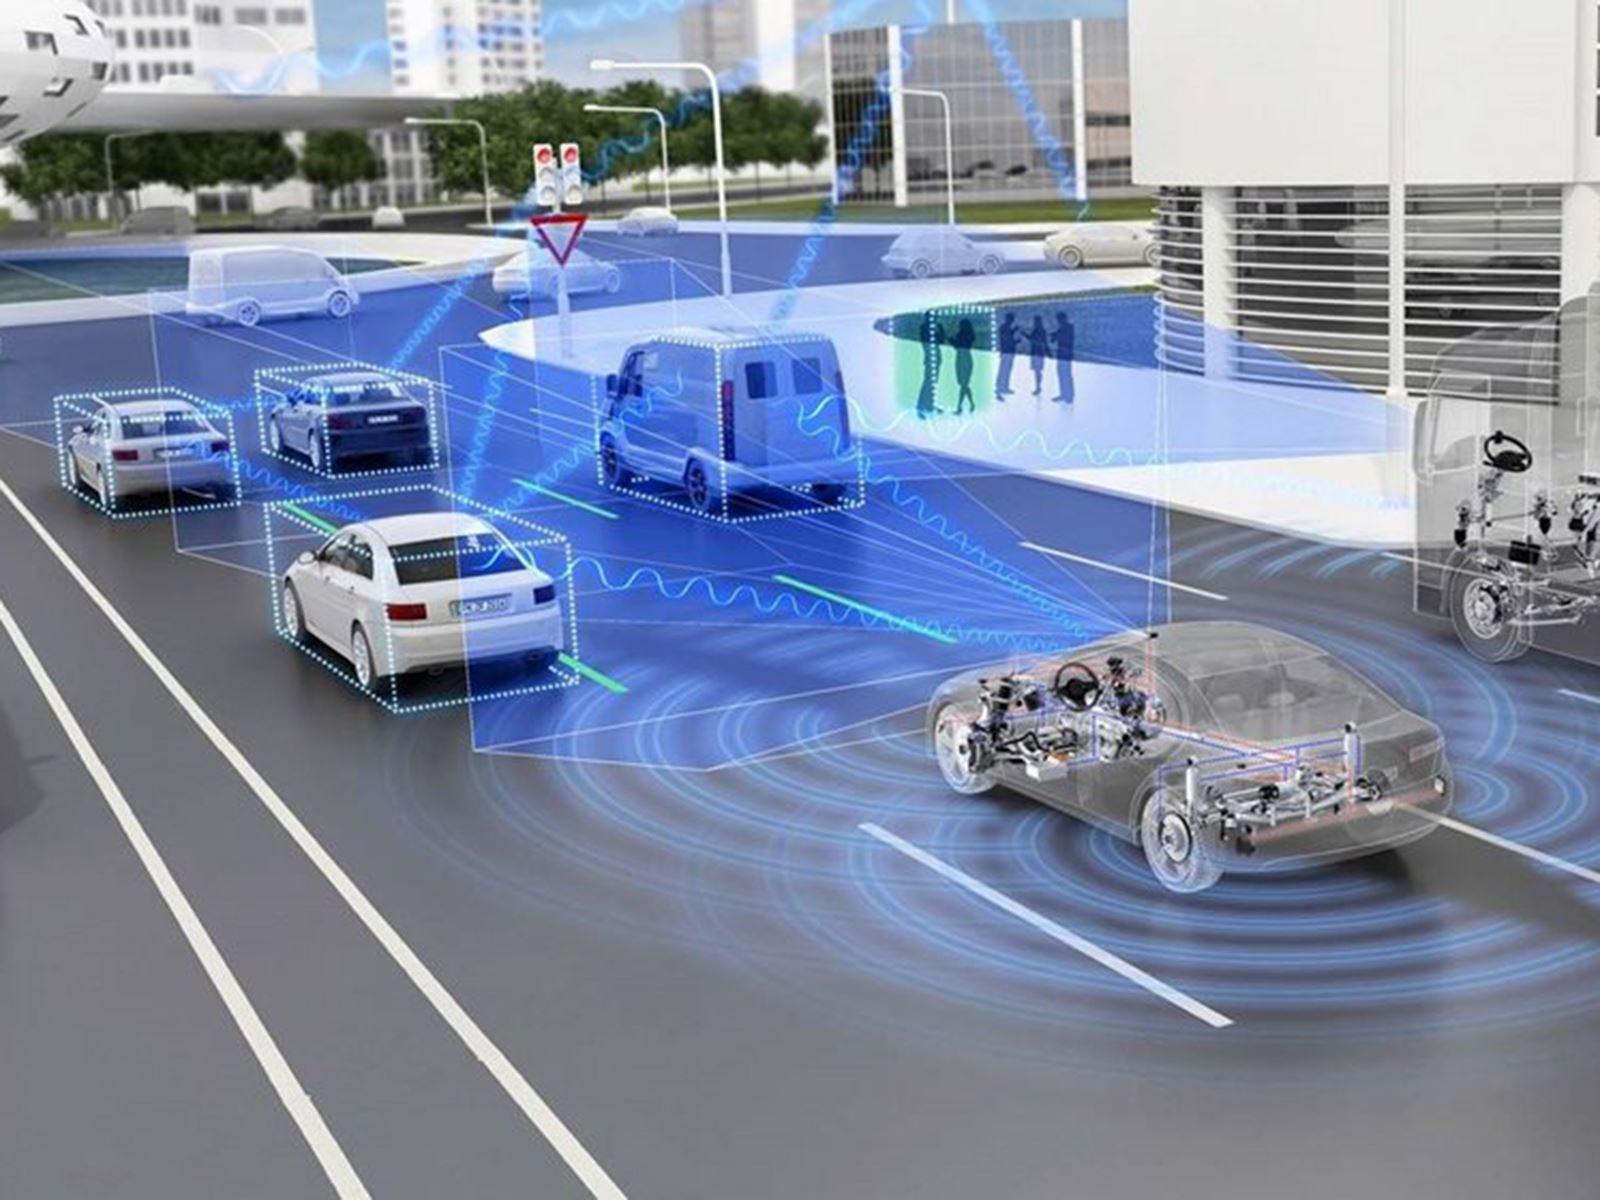 Каждый раз, когда автономный автомобиль попадает в аварию, возникает вопрос, как должны будут адаптироваться правила, чтобы соответствовать автономному будущему. Если автономная машина убивает кого-то, кто виноват? Полностью самостоятельный автомобил